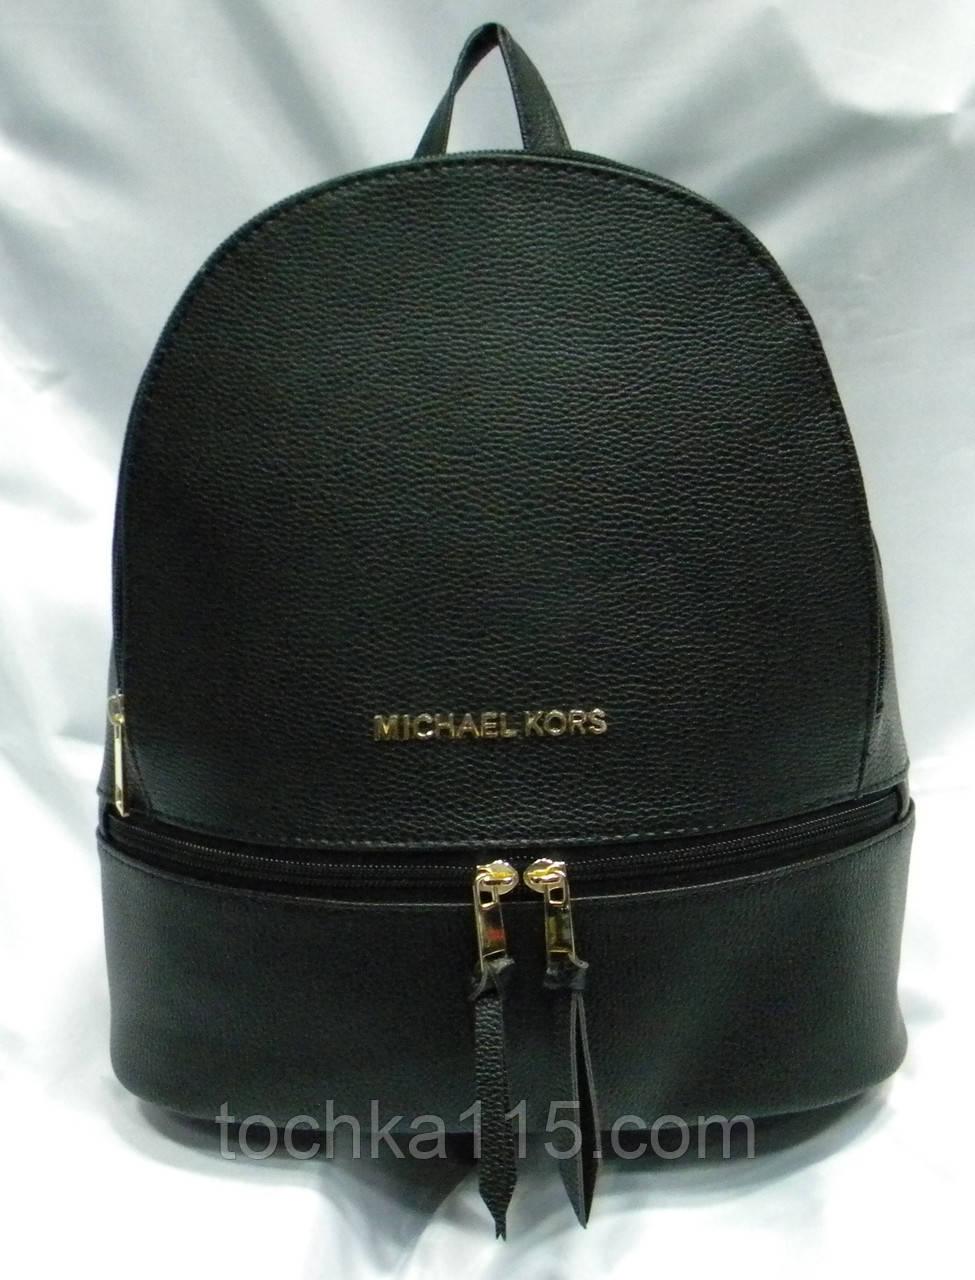 694b13ac1b8a Стильный кожаный женский рюкзак Michael Kors, рюкзак для девочки, городской  рюкзак черный реплика